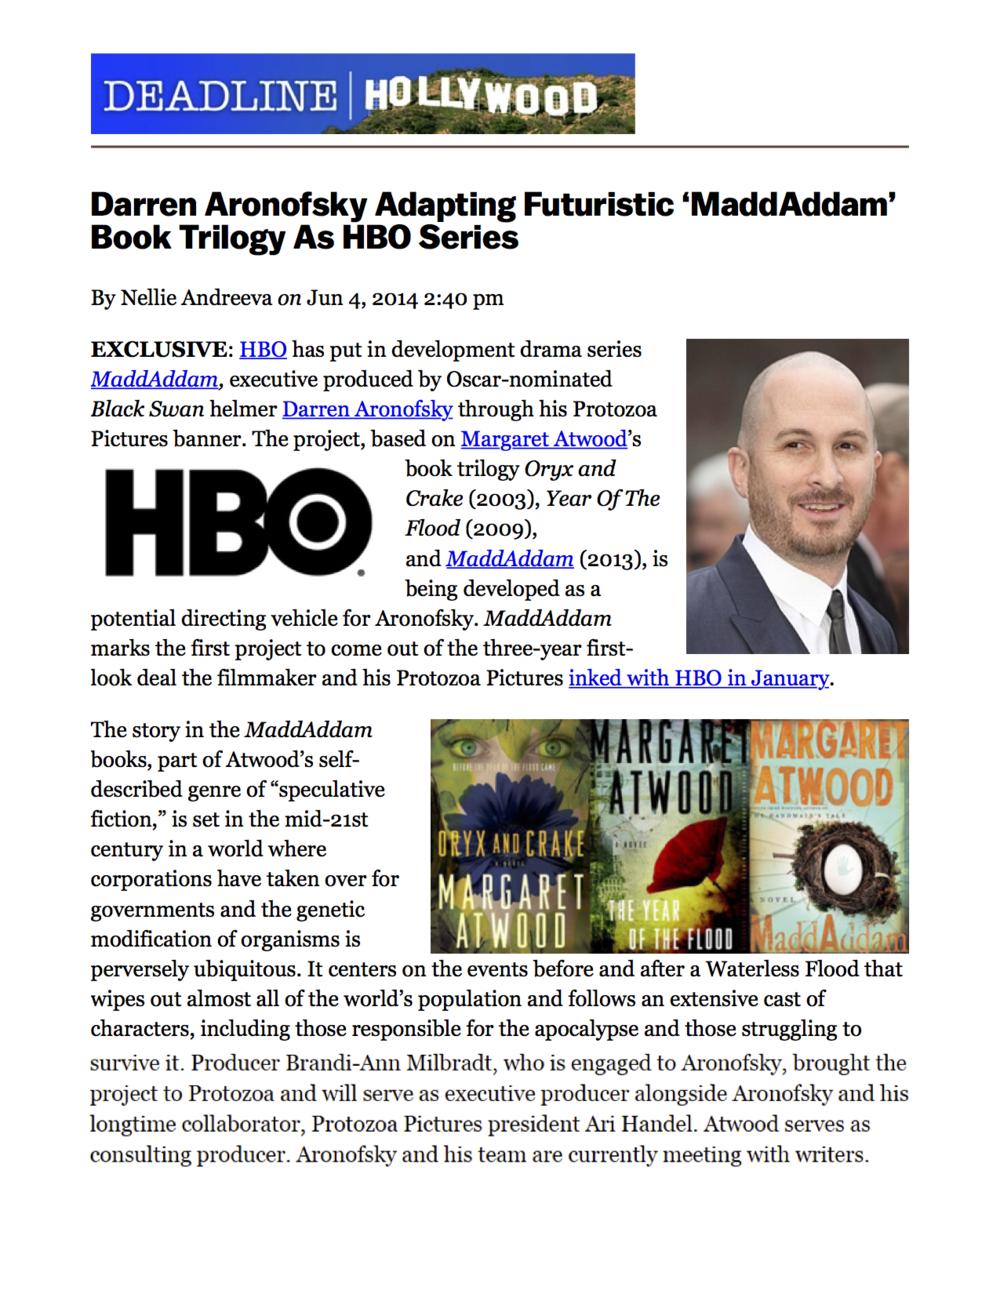 Darren Aronofsky Brandon Milbradt Brandi-Ann HBO Margaret Atwood